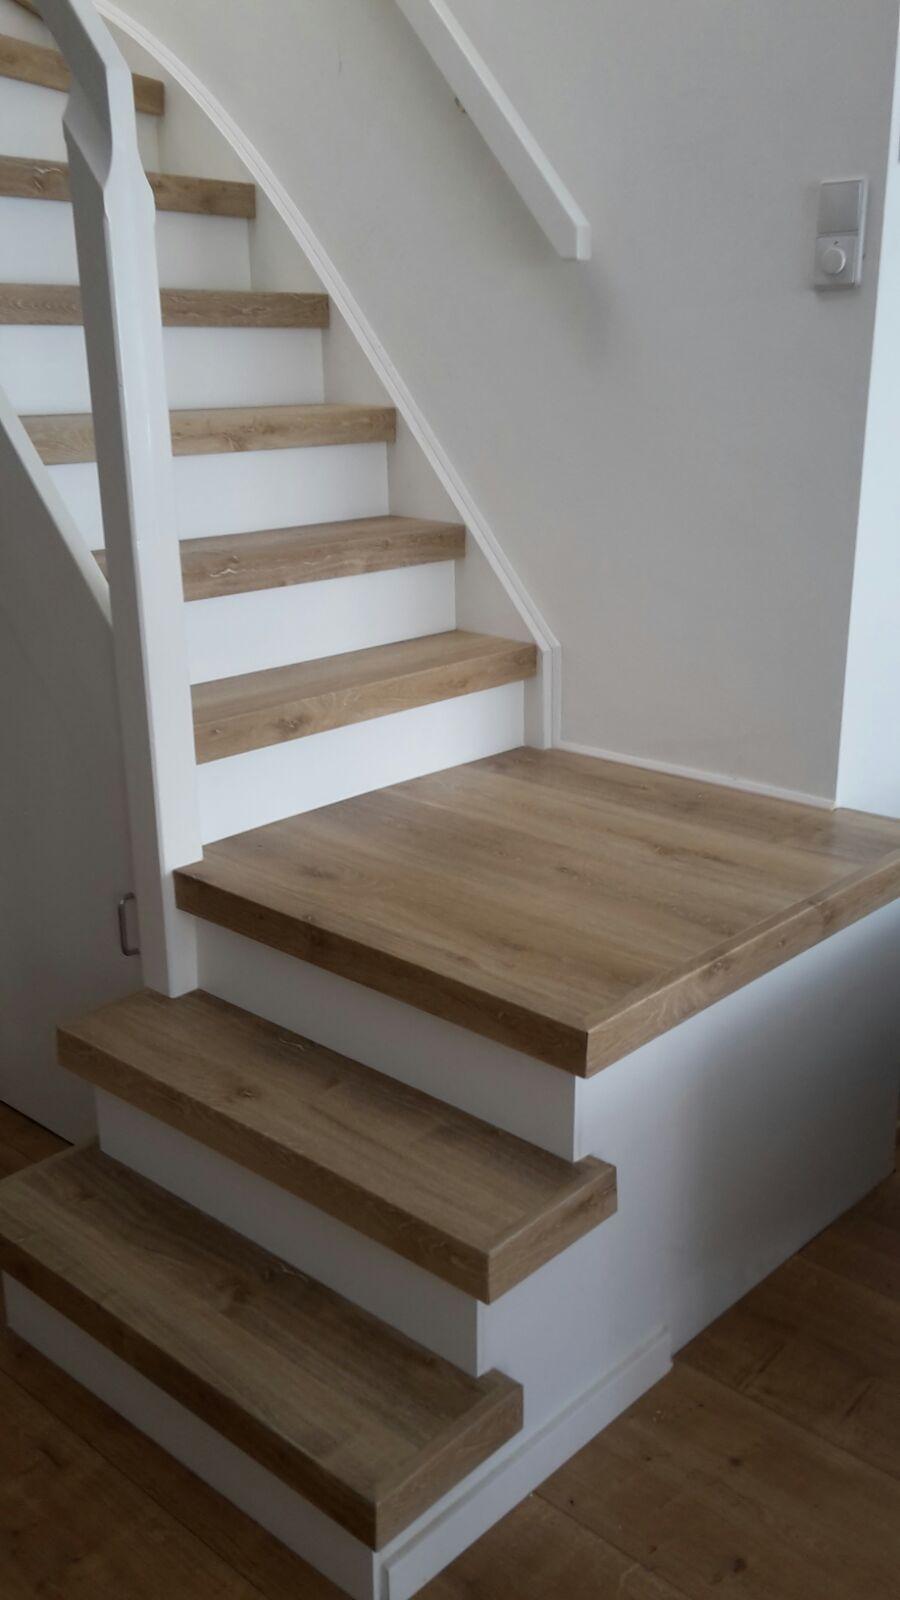 Maak je interieur af met een traprenovatie #traprenovatie